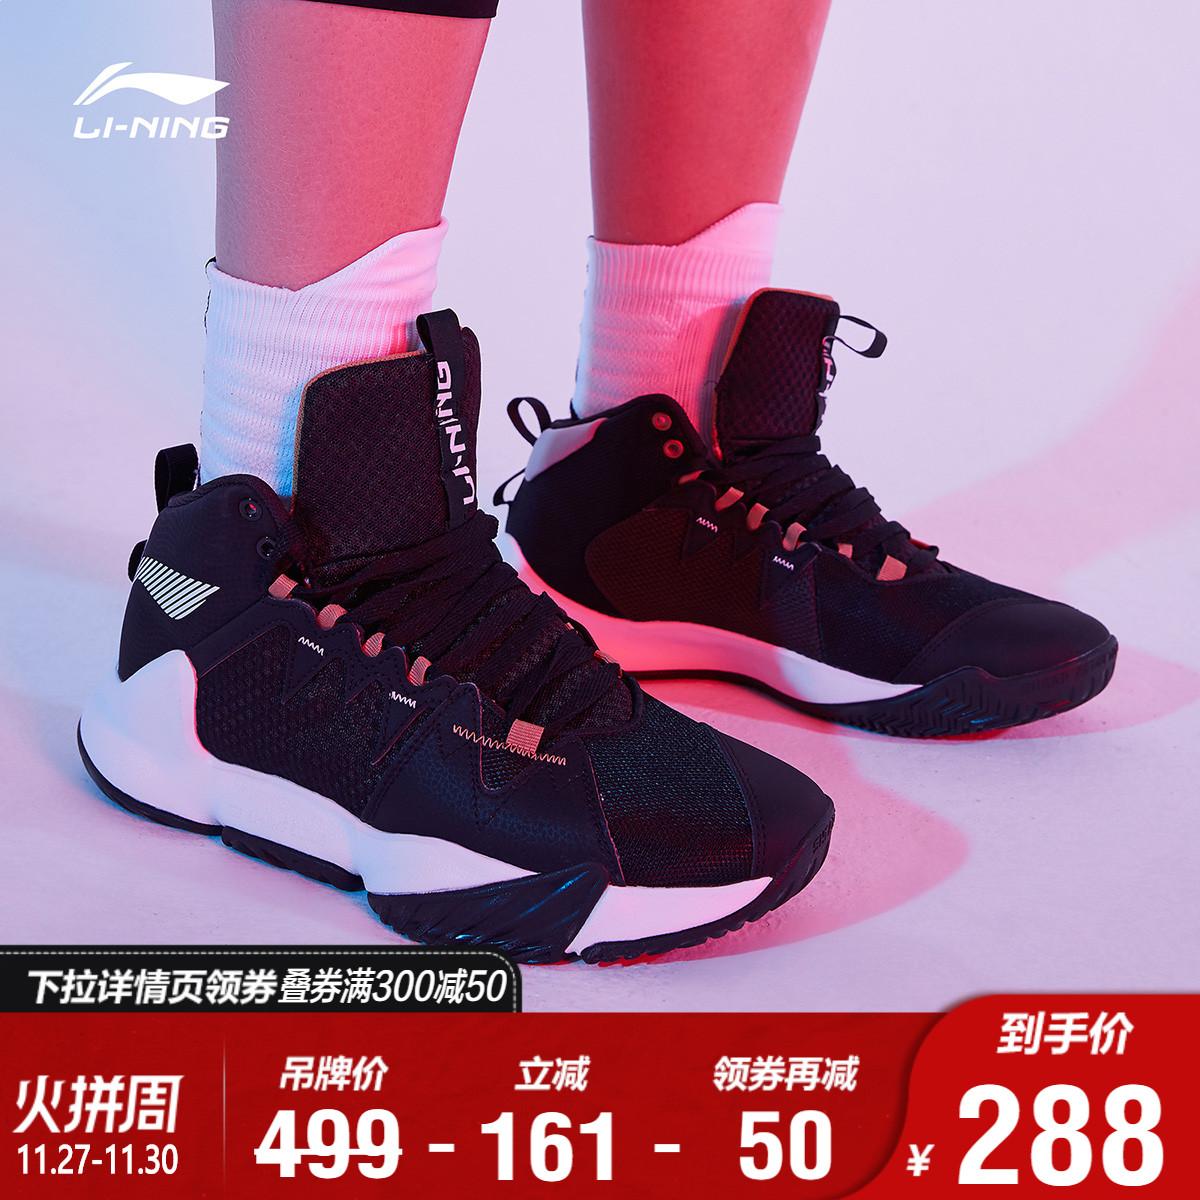 李宁篮球鞋男鞋暴风OUTDOOR 2020官网减震回弹透气男子中帮运动鞋